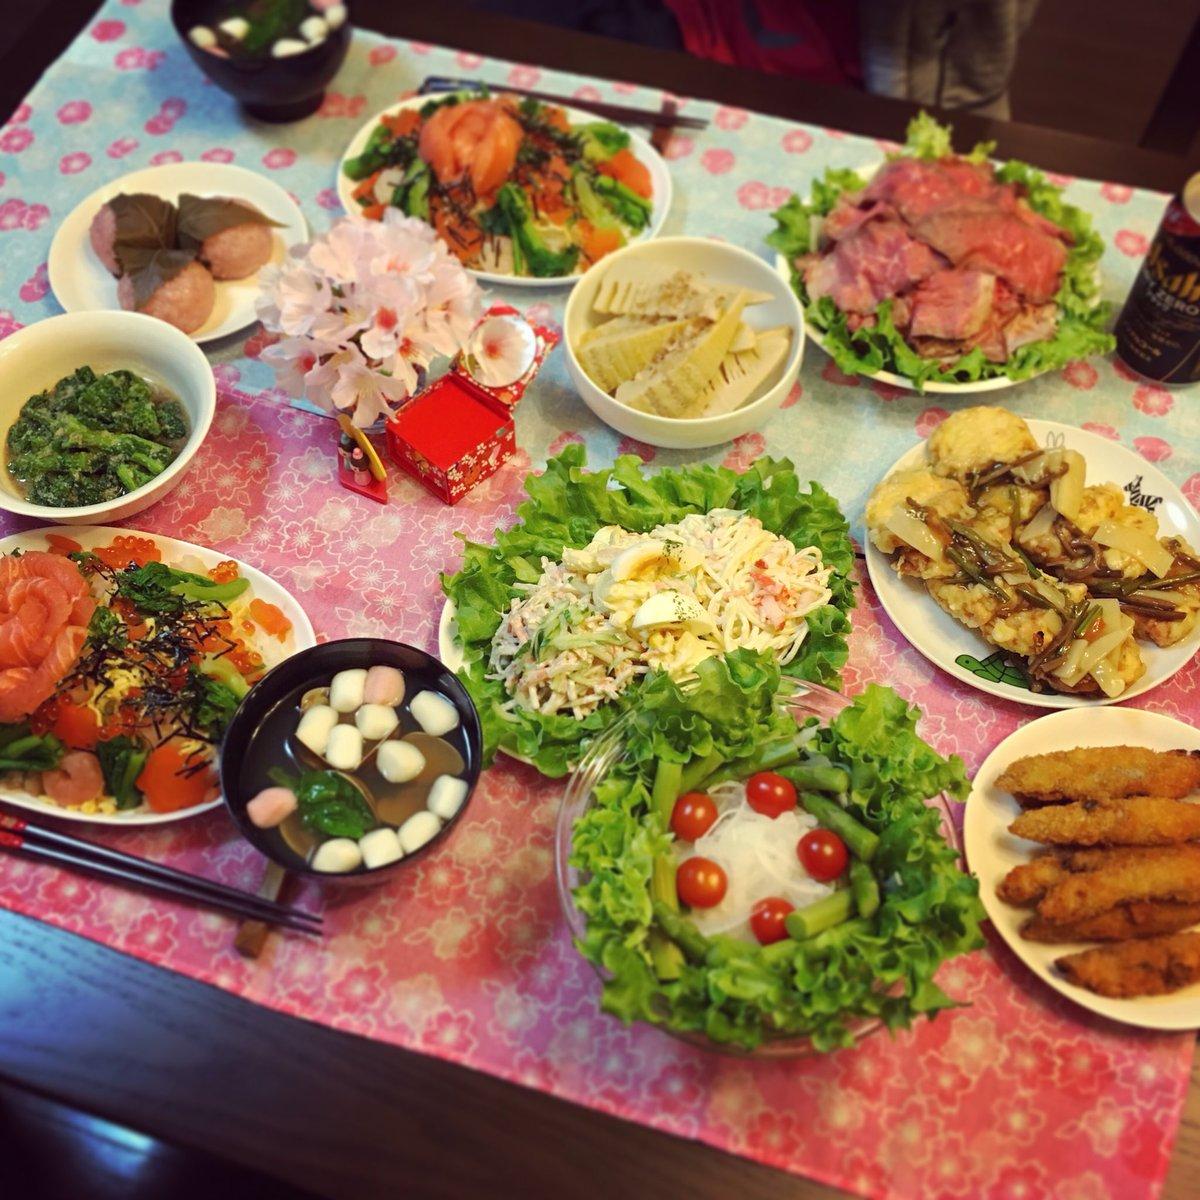 ひなまつりメニュー頑張った🎎 ちらし寿司にはまぐりのお吸い物久々!菜の花新玉めっちゃうまい、春の味だ〜